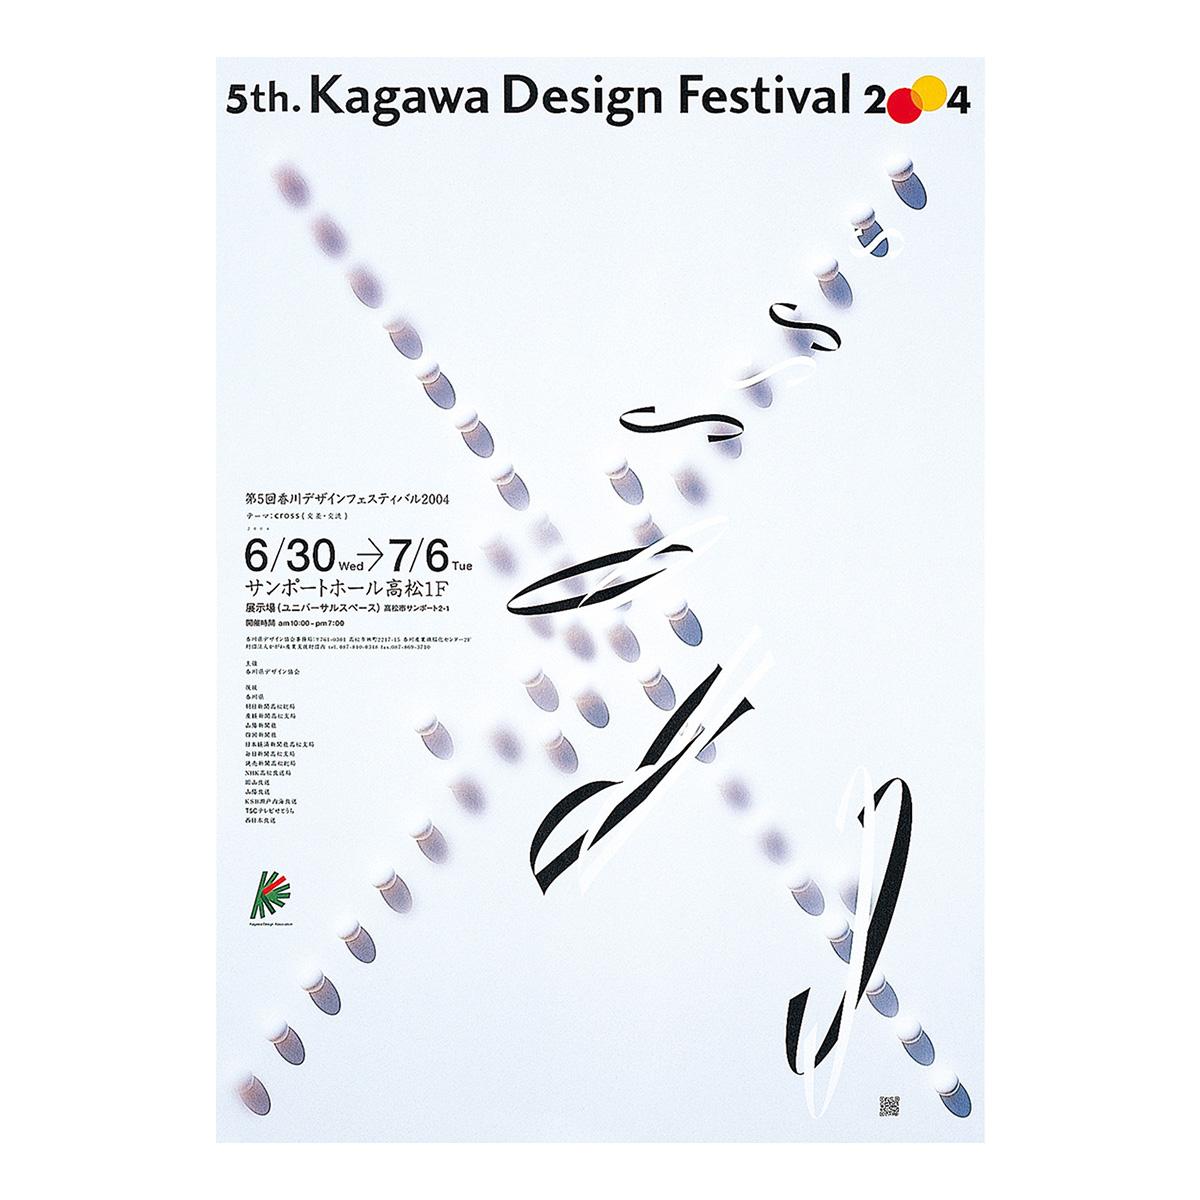 香川デザインフェスティバル ポスター